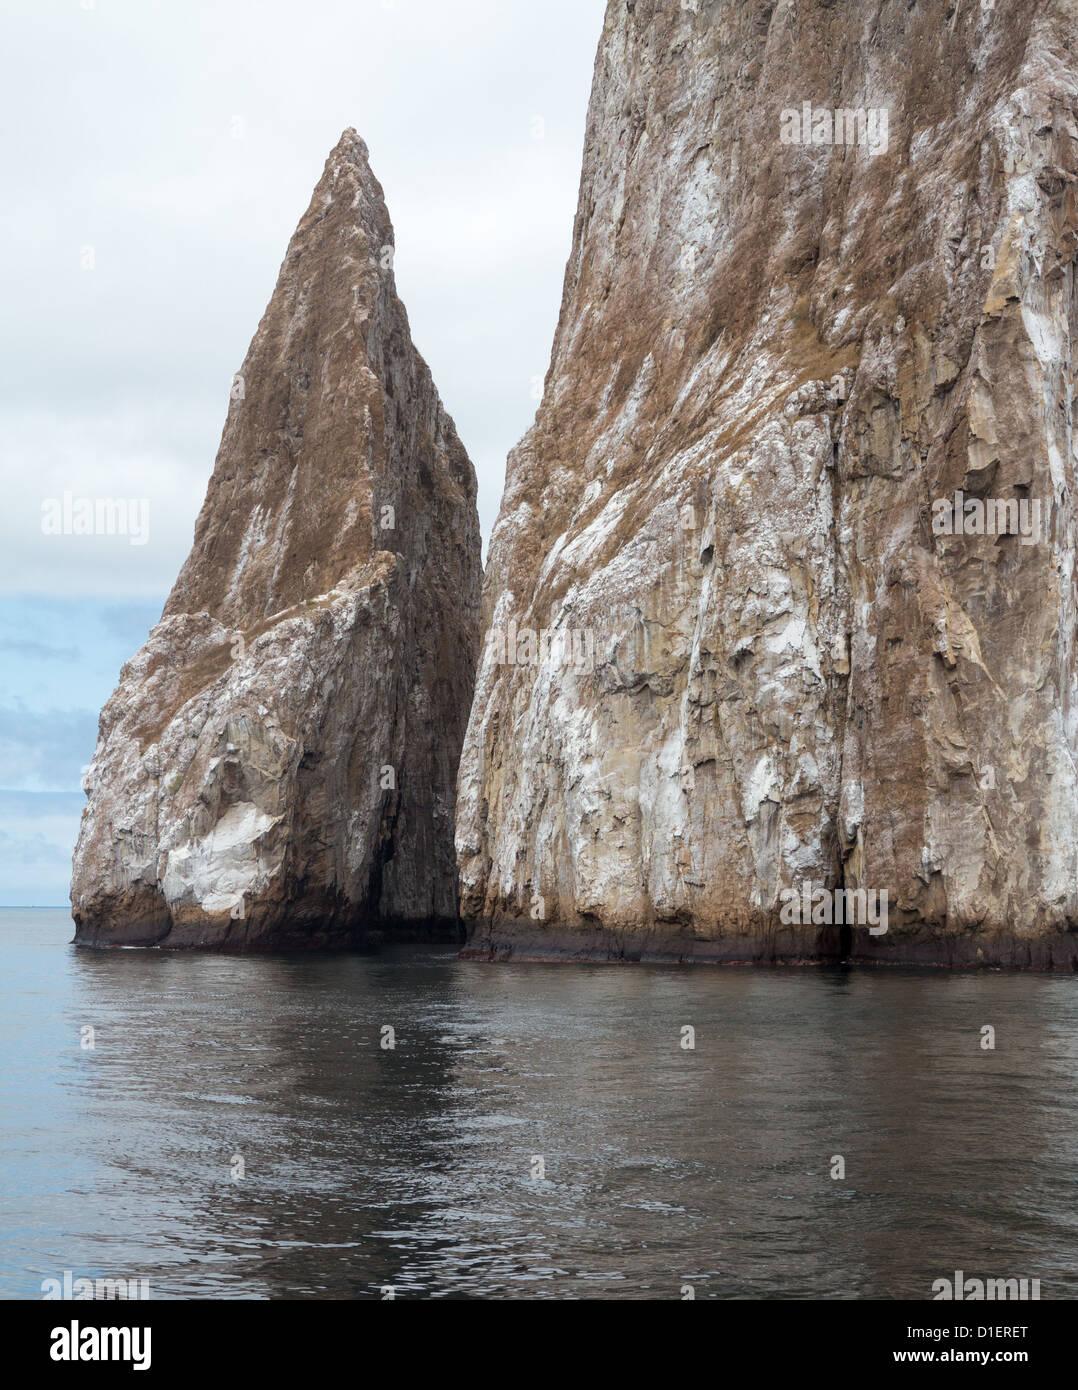 Sleeping Lion or Leon Dormida rock formation off coast of Galapagos islands - Stock Image